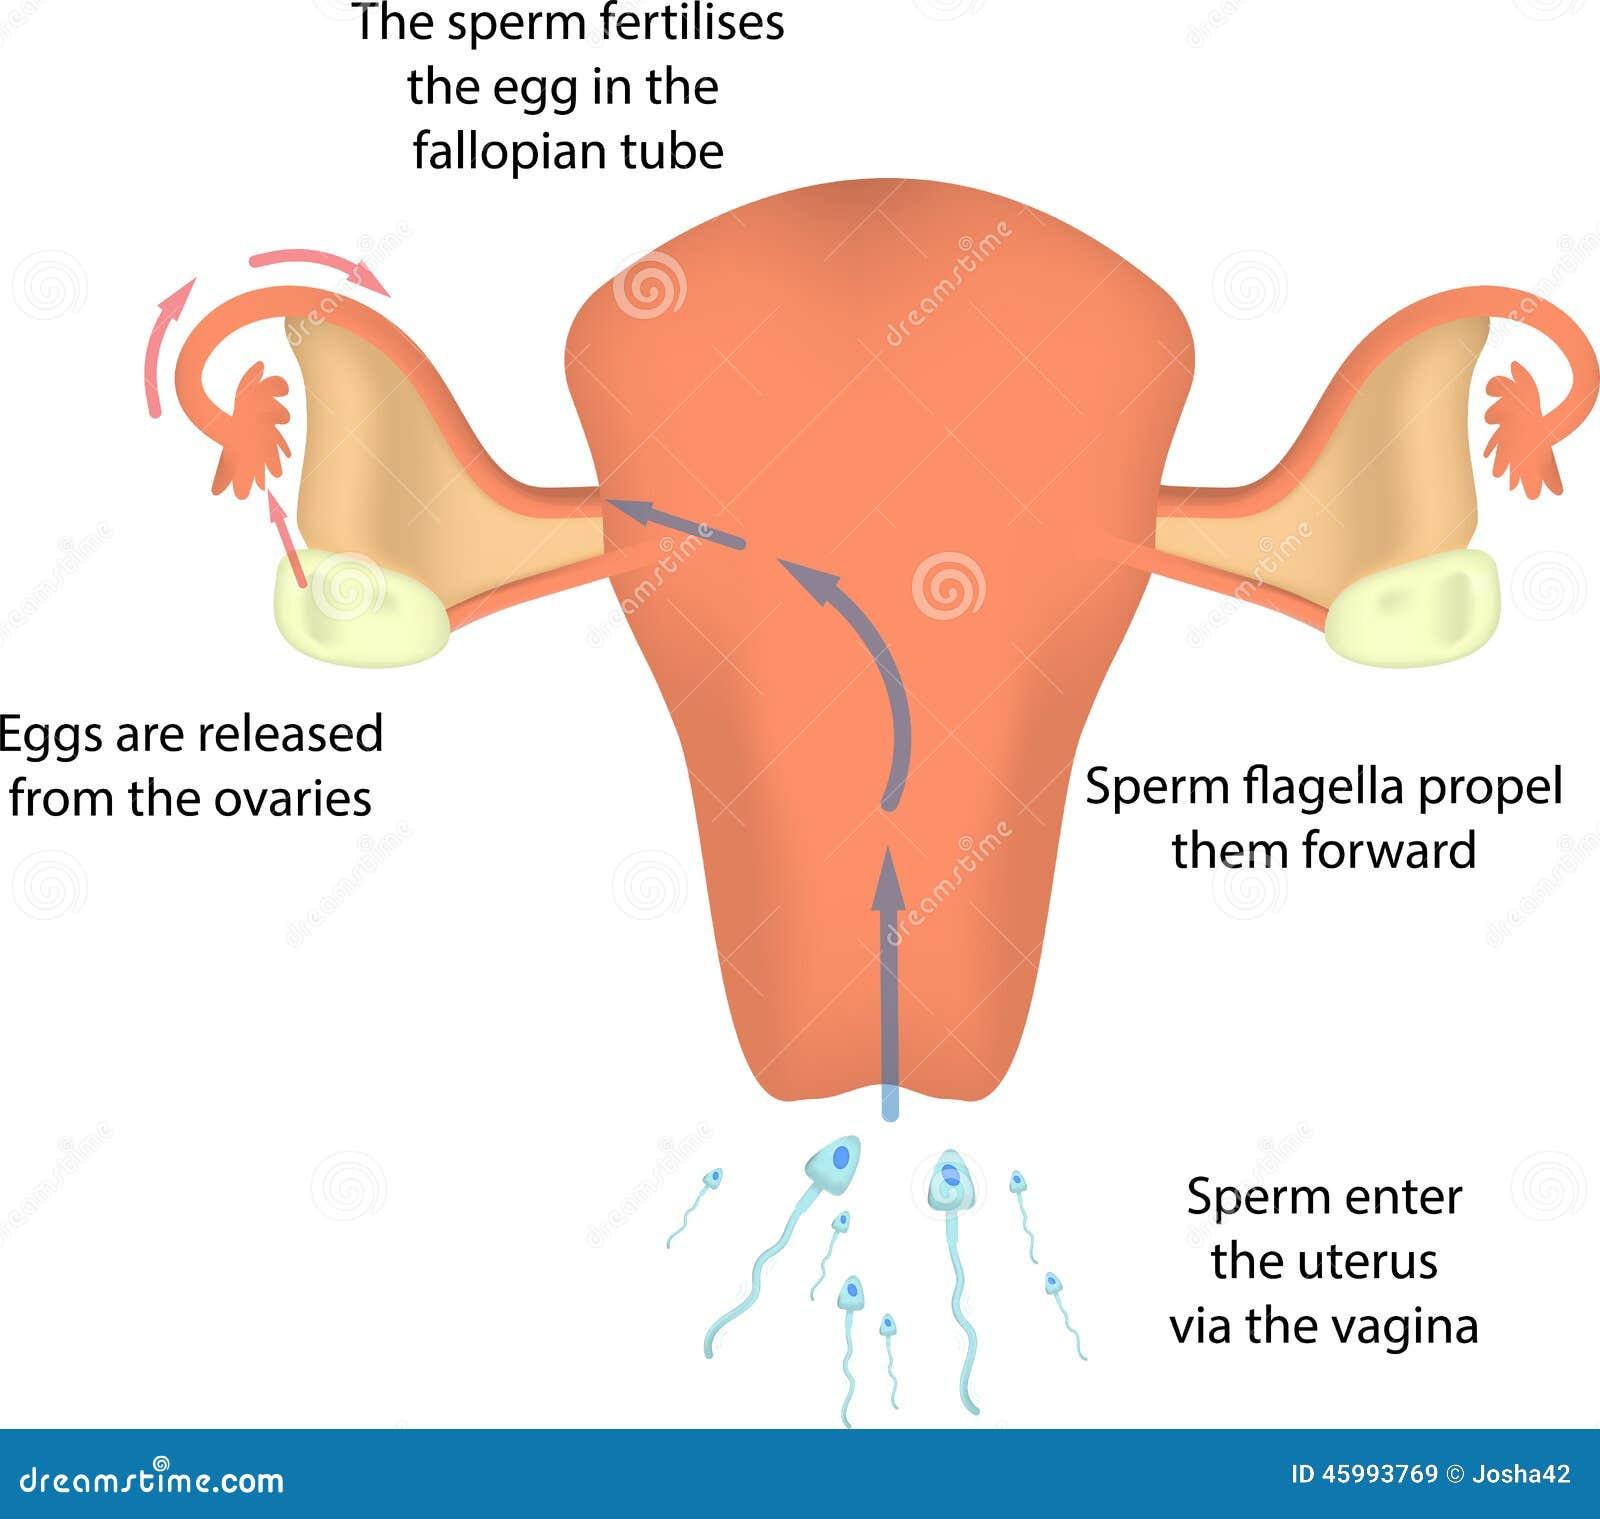 Düngung in der Gebärmutter stockbild. Bild von fertilise - 45993769